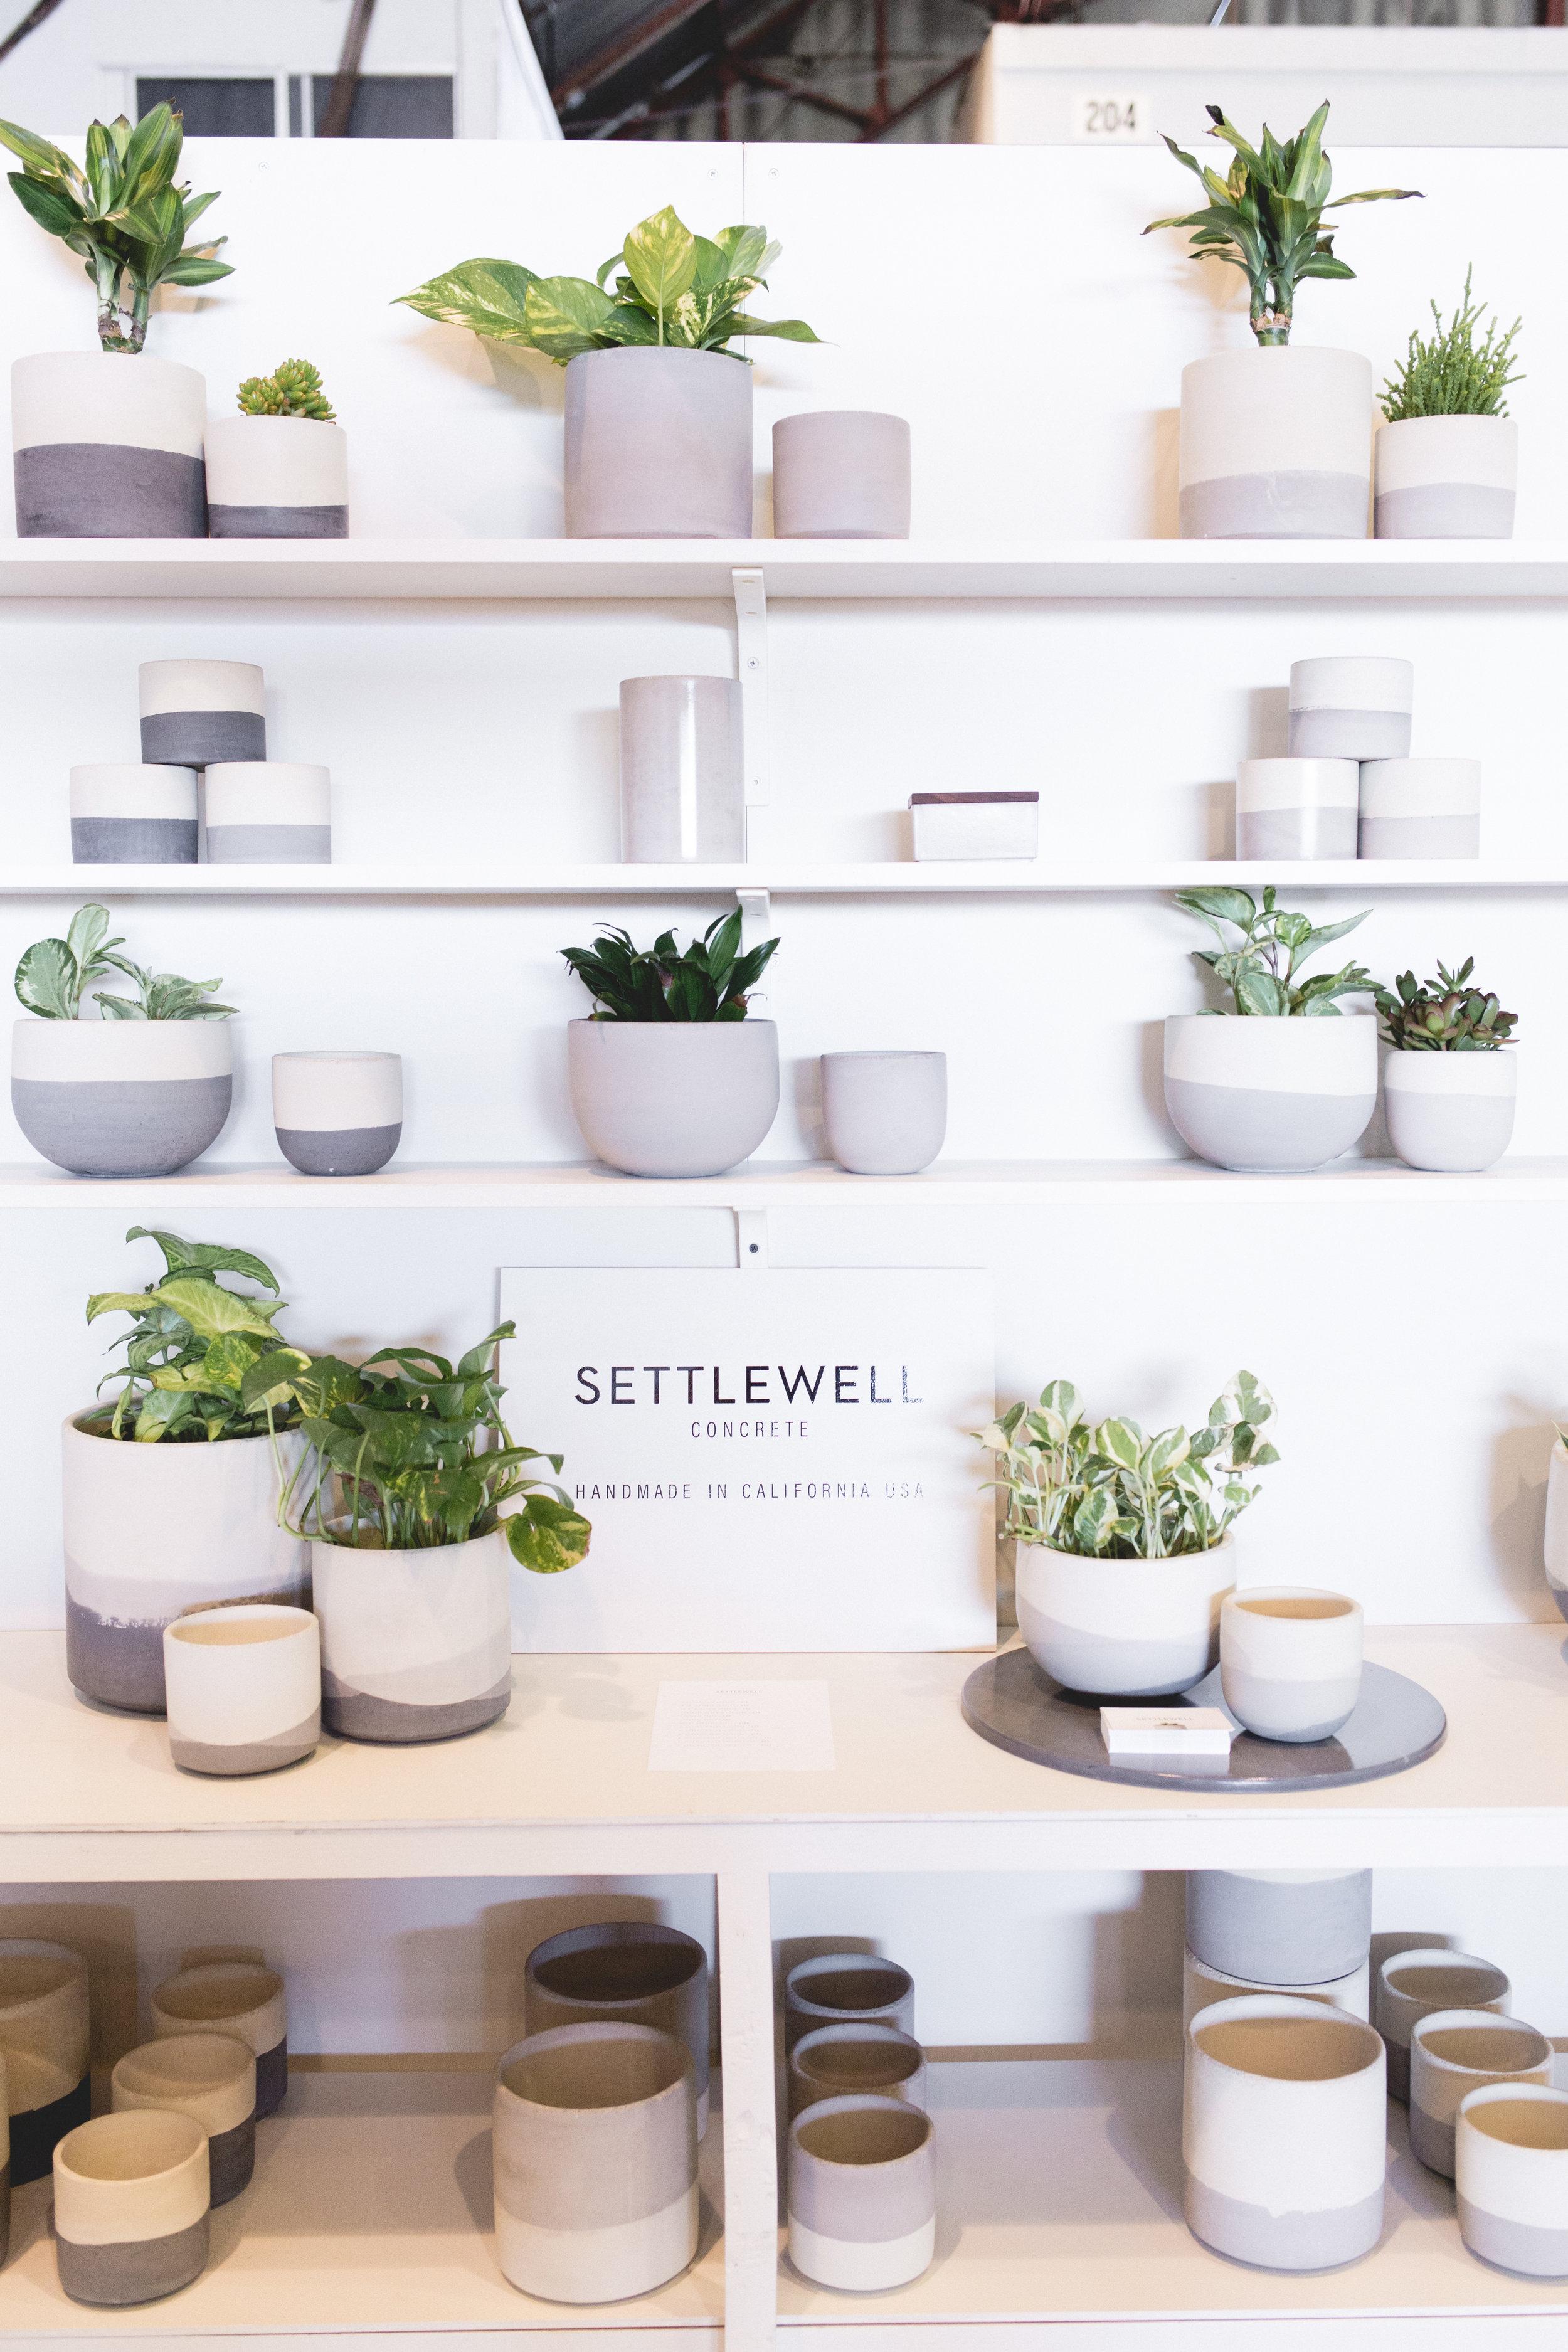 settlewell.jpg